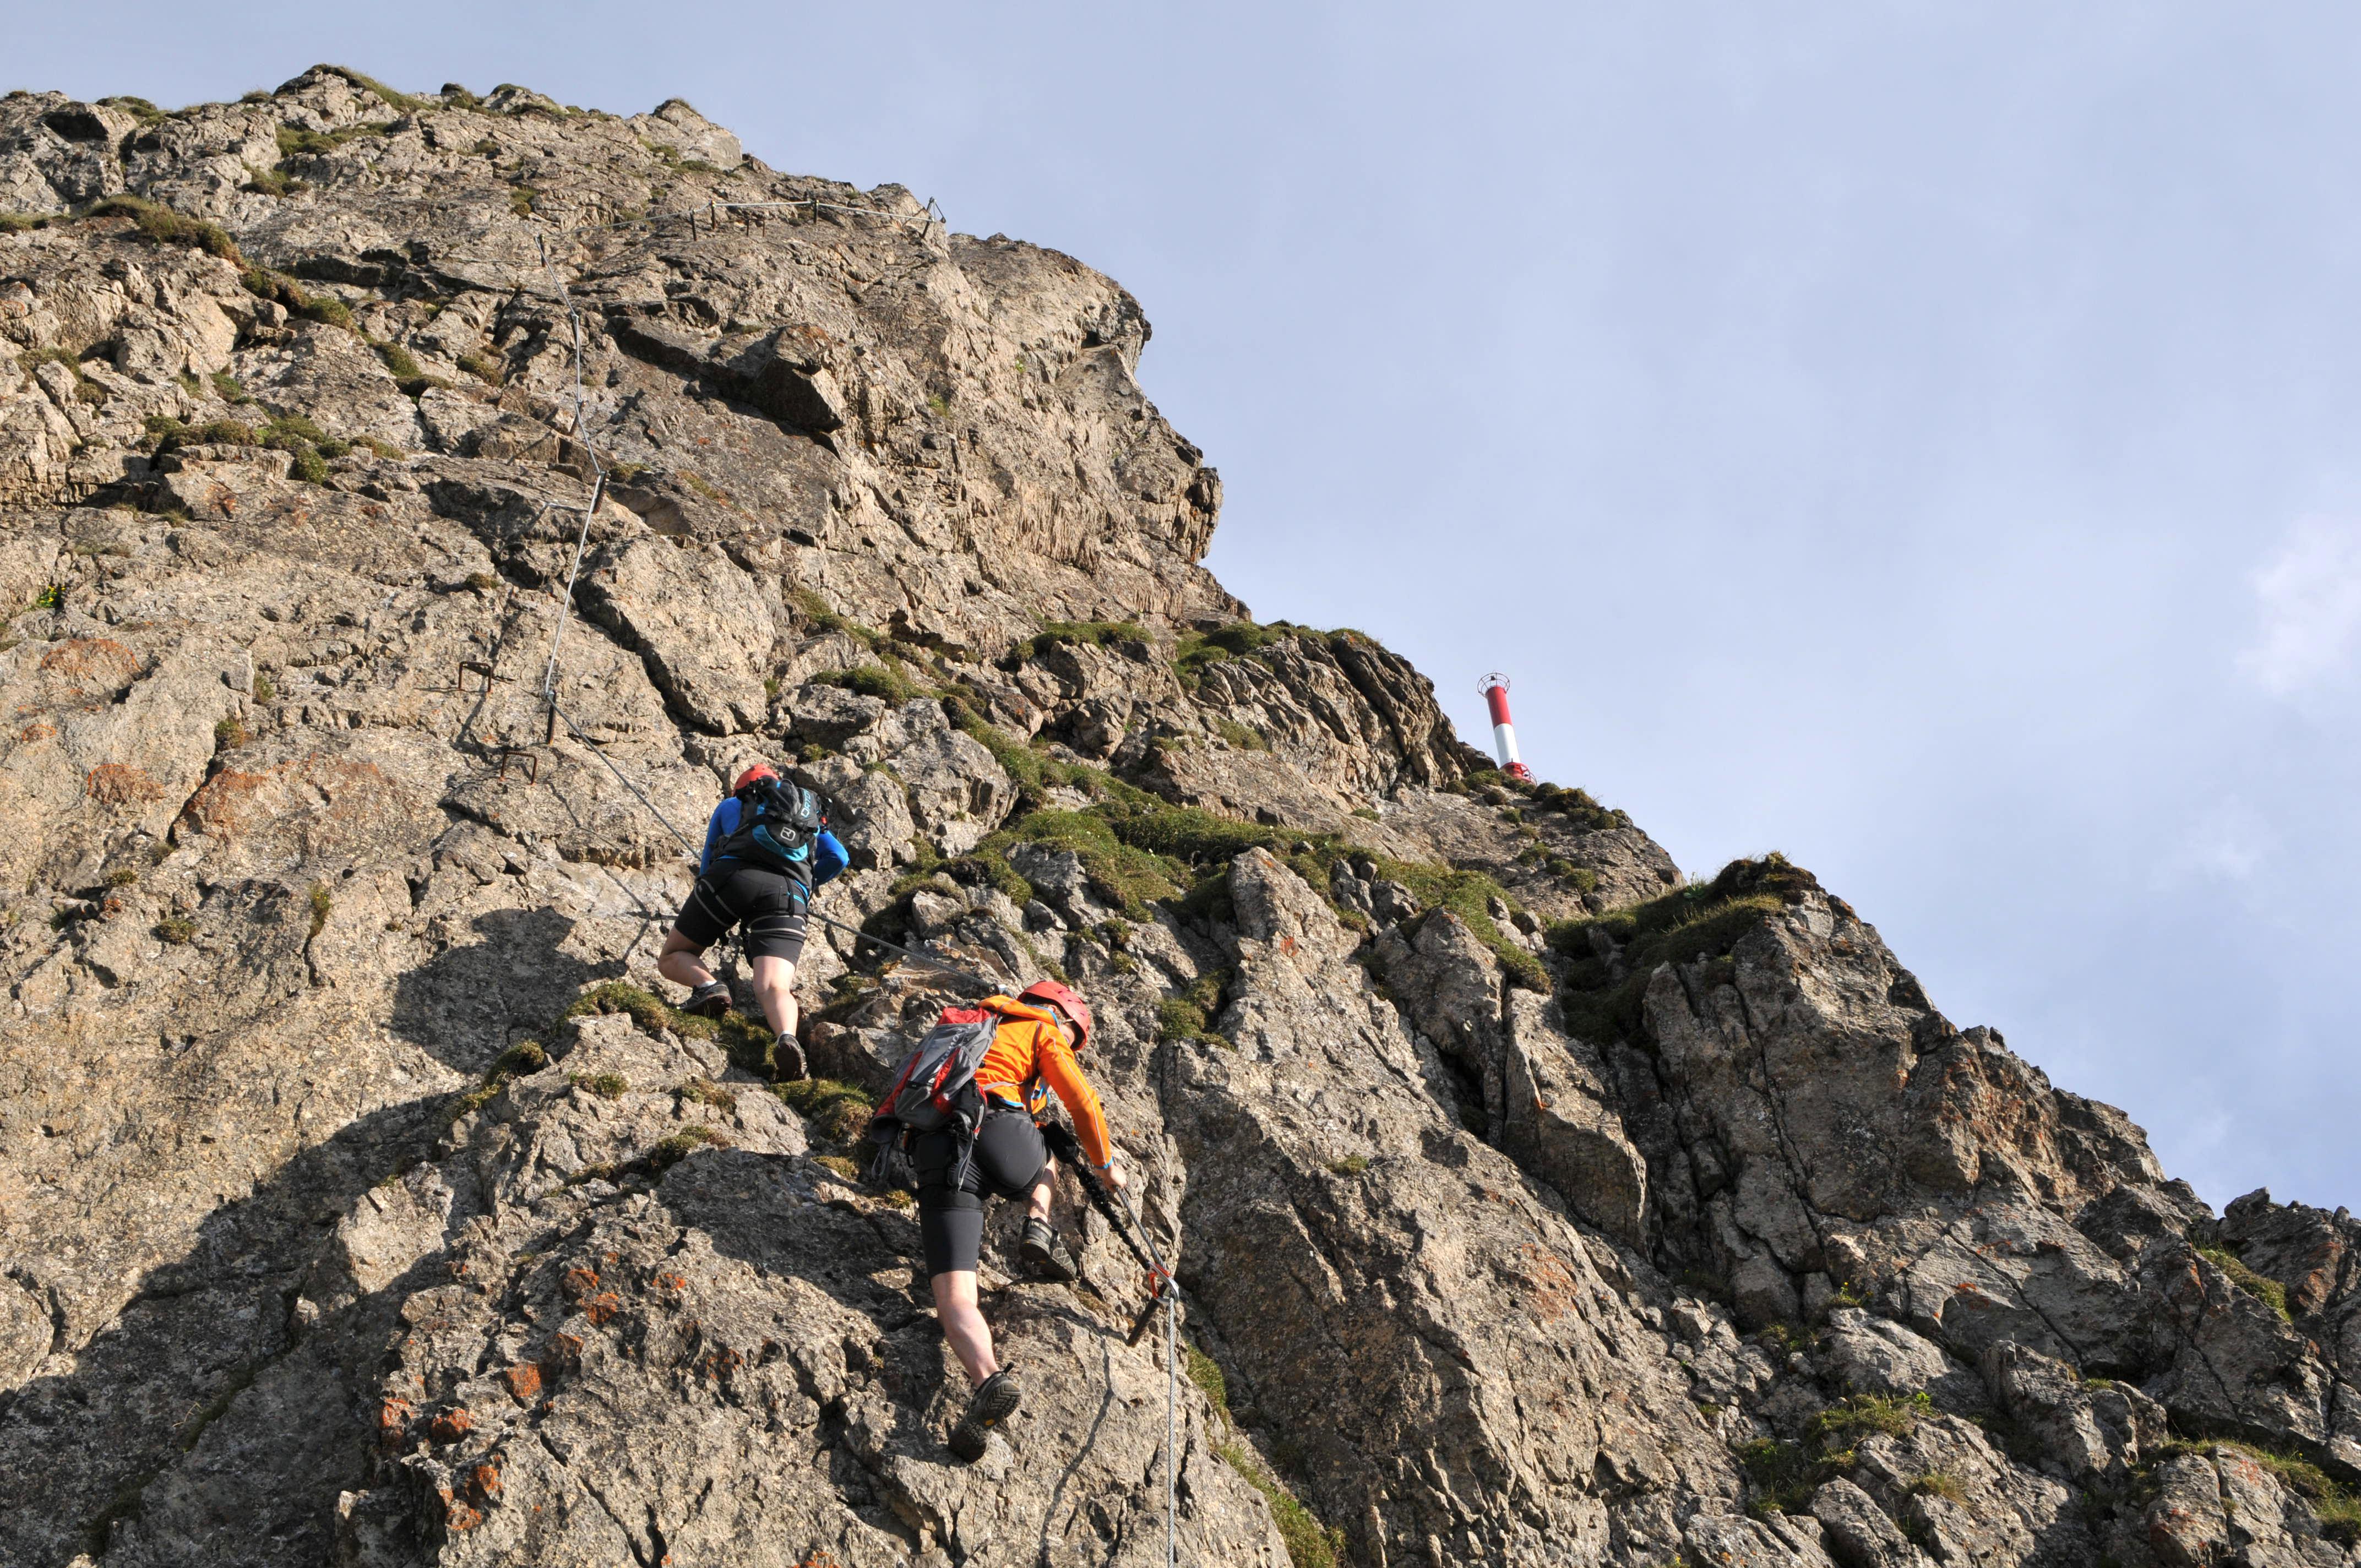 Klettersteig Kitzbüheler Horn : Klettersteige kitzbüheler horn st. johann in tirol